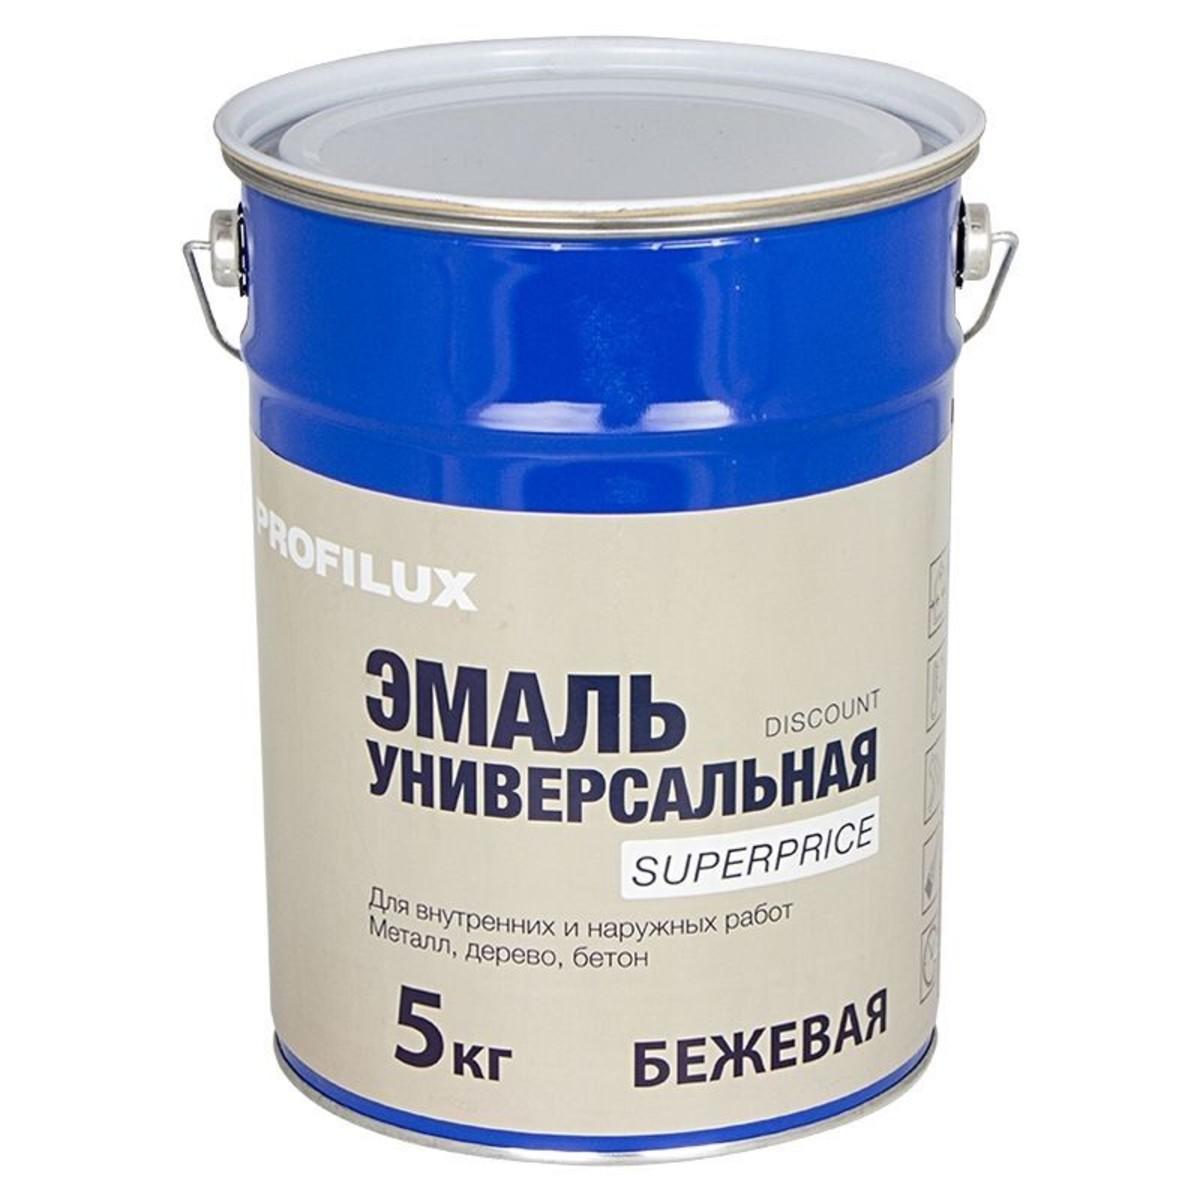 Профилюкс Эмаль Superprice 5 кг цвет бежевый